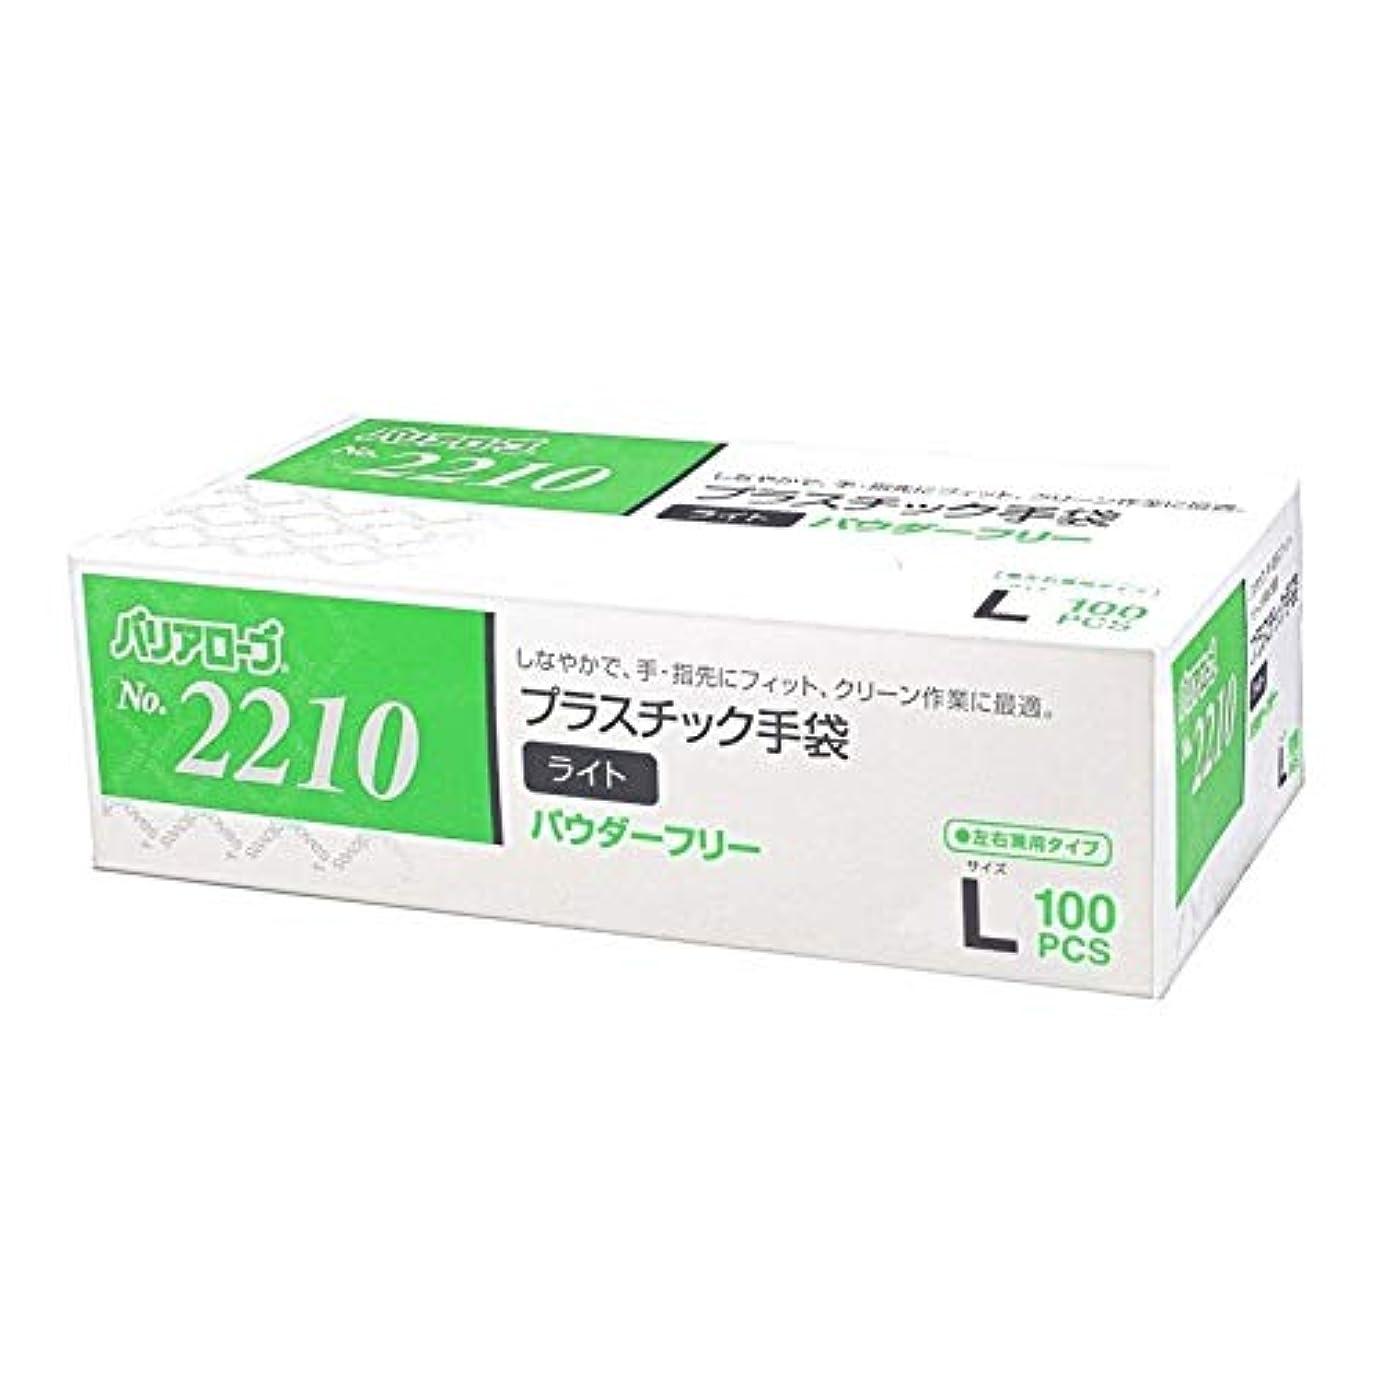 上院信頼性グロー【ケース販売】 バリアローブ №2210 プラスチック手袋 ライト (パウダーフリー) L 2000枚(100枚×20箱)